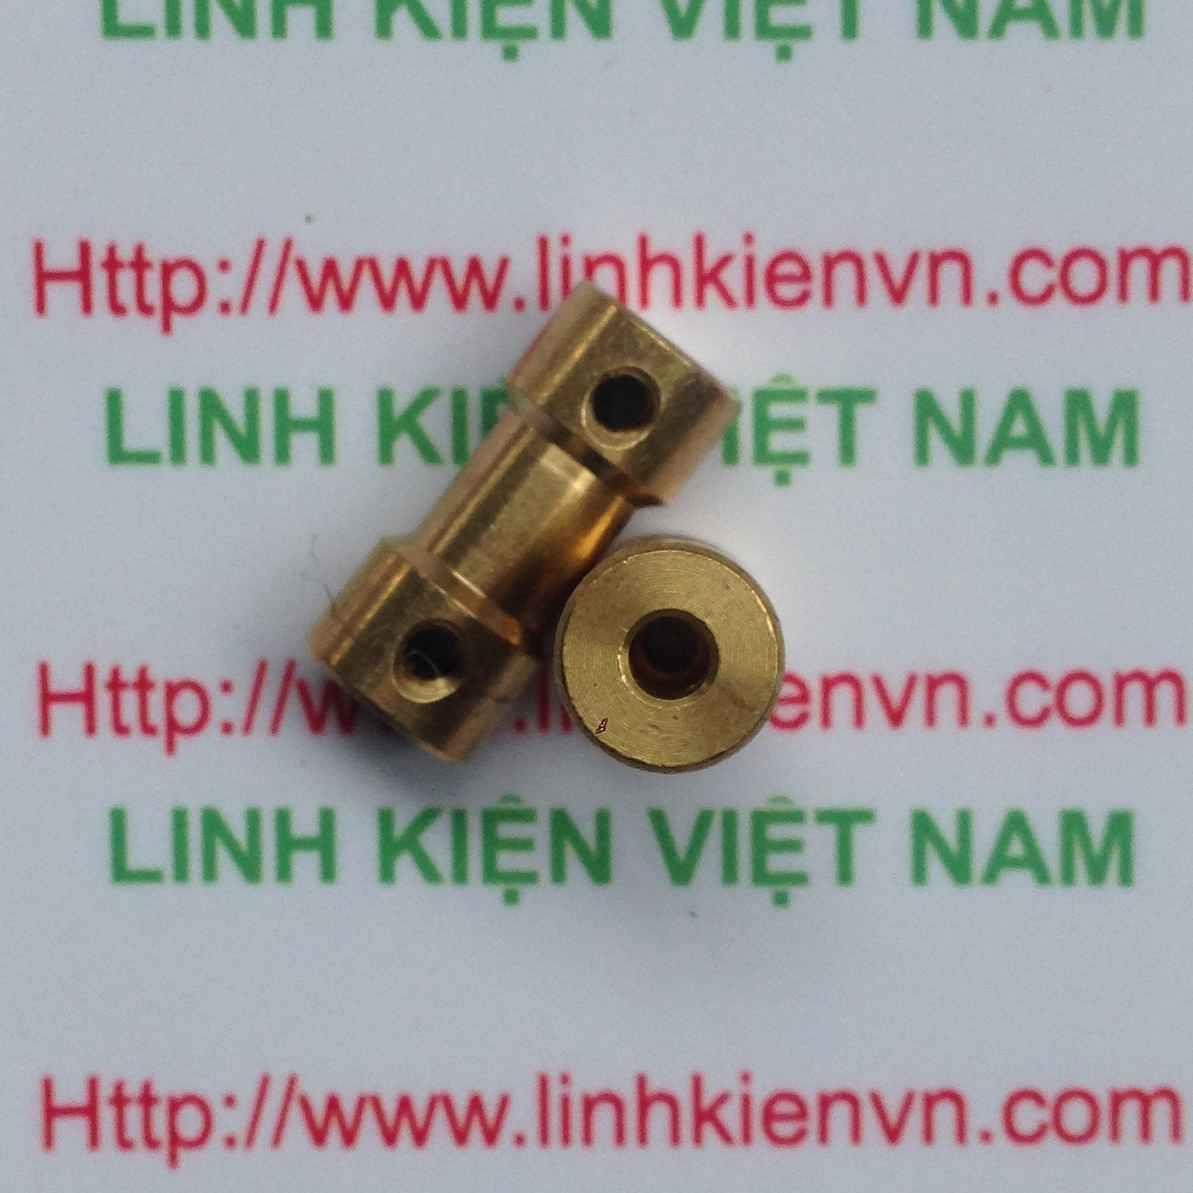 Đầu khoan mạch CNC 3.17mm / Đầu kẹp mũi khoan CNC / Chấu giữ mũi khoan CNC - K4H8